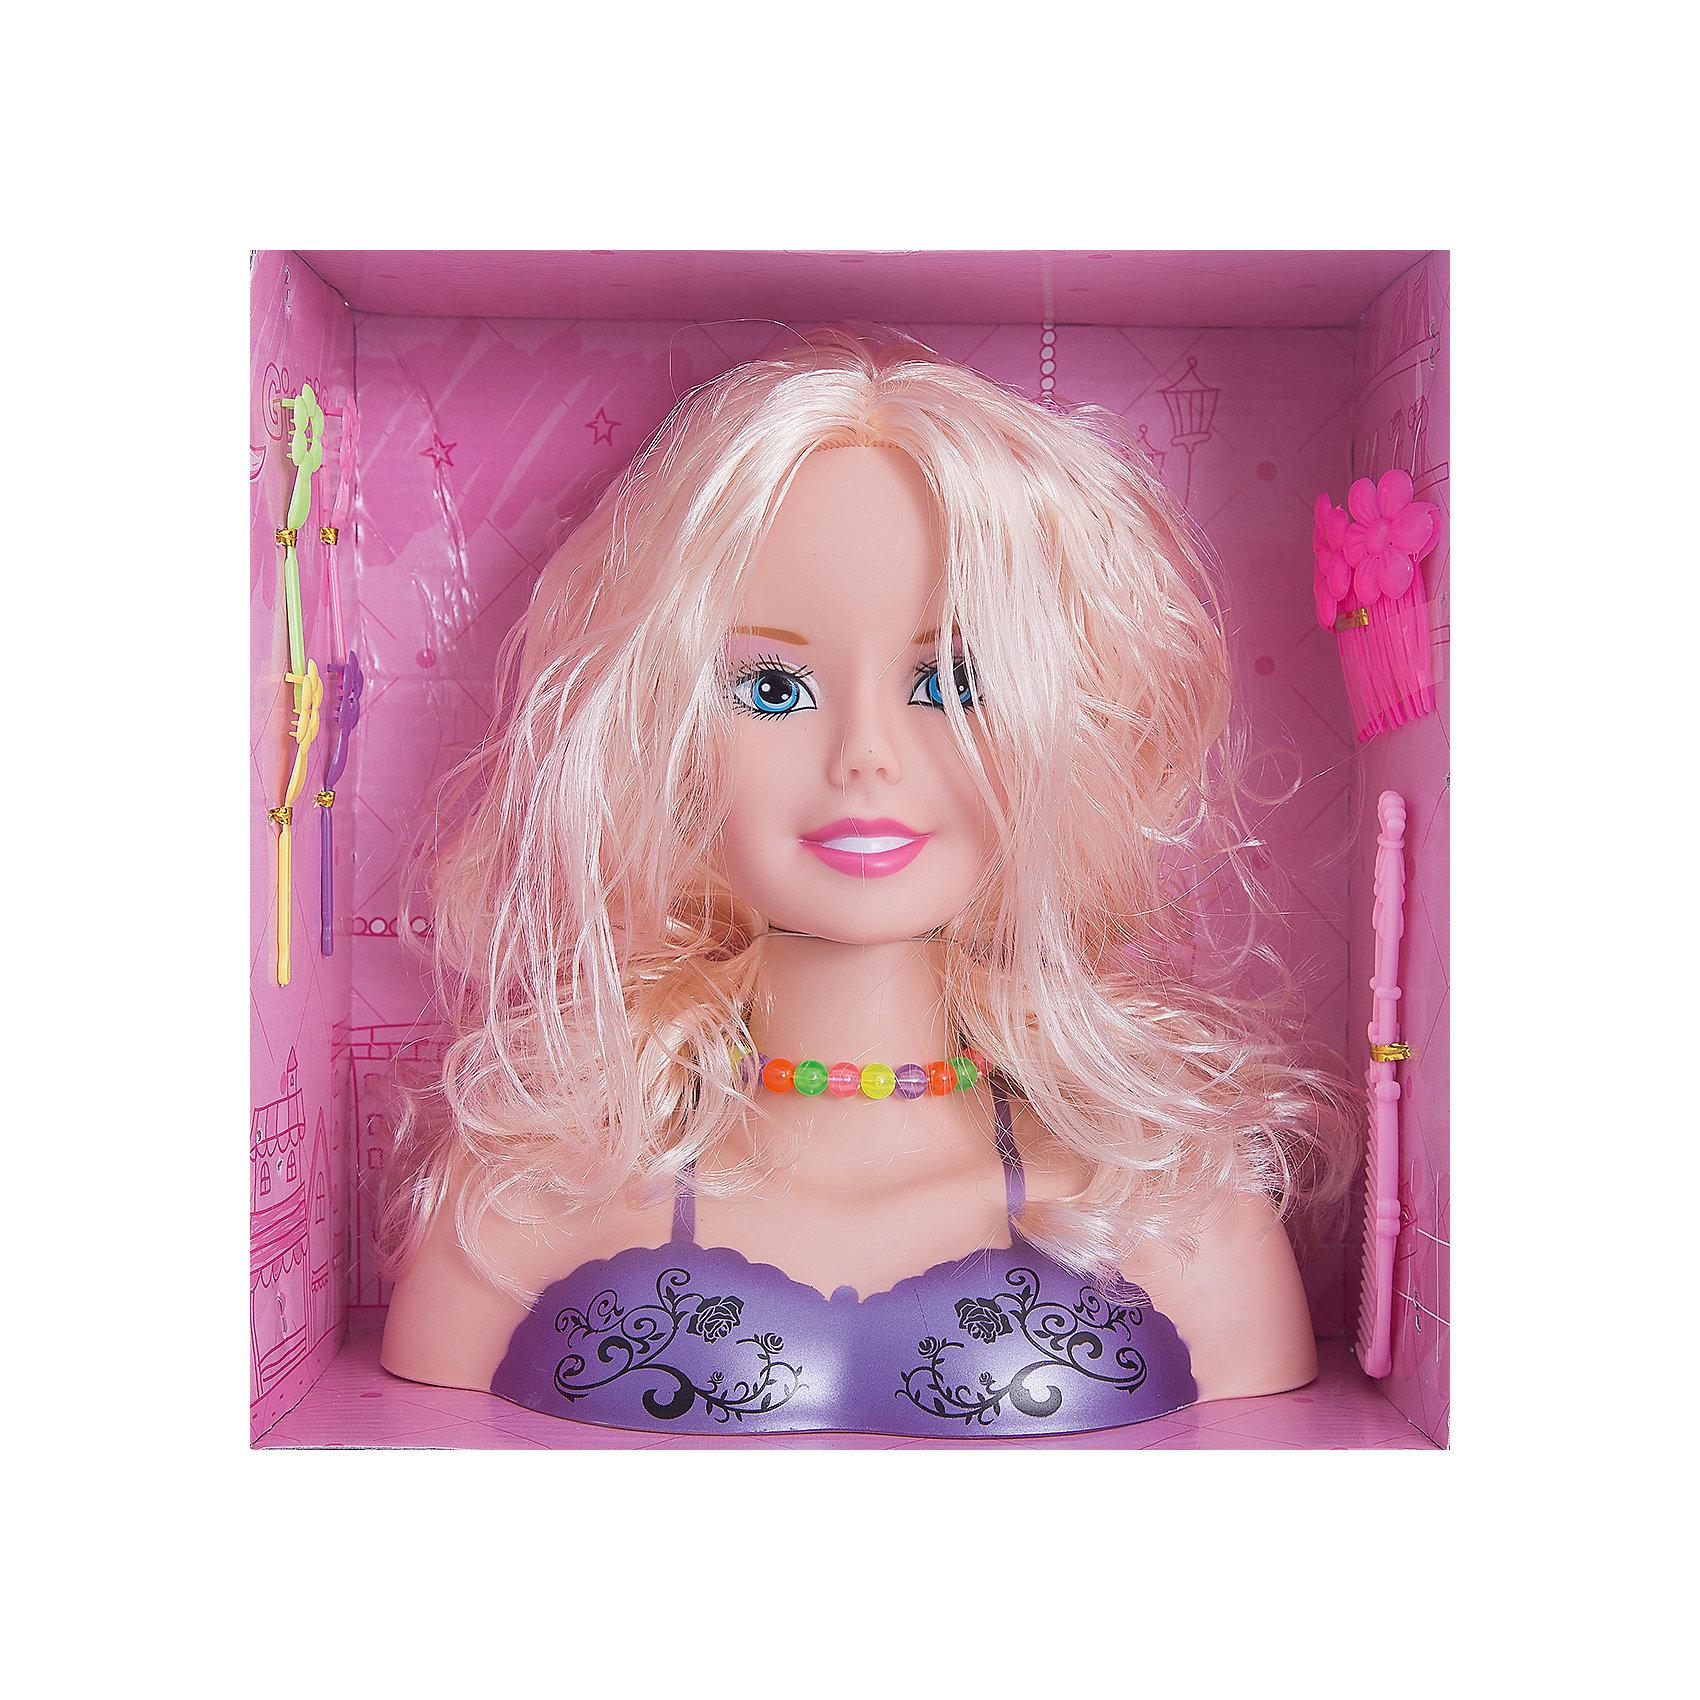 Набор стилиста Принцесса с аксессуарами, блондинка, Shantou GepaiСюжетно-ролевые игры<br>Набор стилиста Принцесса с аксессуарами, блондинка, Shantou Gepai.<br><br>Характеристики:<br><br>• В наборе: кукла-манекен (бюст), аксессуарами<br>• Материал: пластик, текстиль<br>• Упаковка: картонная коробка блистерного типа<br>• Размер упаковки: 26х12х26 см.<br><br>Замечательный набор стилиста Принцесса содержит манекен и аксессуары. Манекен представляет собой бюст очаровательной куклы с шикарными длинными волосами, которые девочки могут расчесывать, укладывать их и придумывать с ними различные стильные прически. Игра с таким набором будет интересной, ведь практически каждая девочка мечтает научиться делать прически и придумывать различные модные образы.<br><br>Набор стилиста Принцесса с аксессуарами, блондинка, Shantou Gepai можно купить в нашем интернет-магазине.<br><br>Ширина мм: 260<br>Глубина мм: 120<br>Высота мм: 270<br>Вес г: 631<br>Возраст от месяцев: 36<br>Возраст до месяцев: 2147483647<br>Пол: Женский<br>Возраст: Детский<br>SKU: 5450229